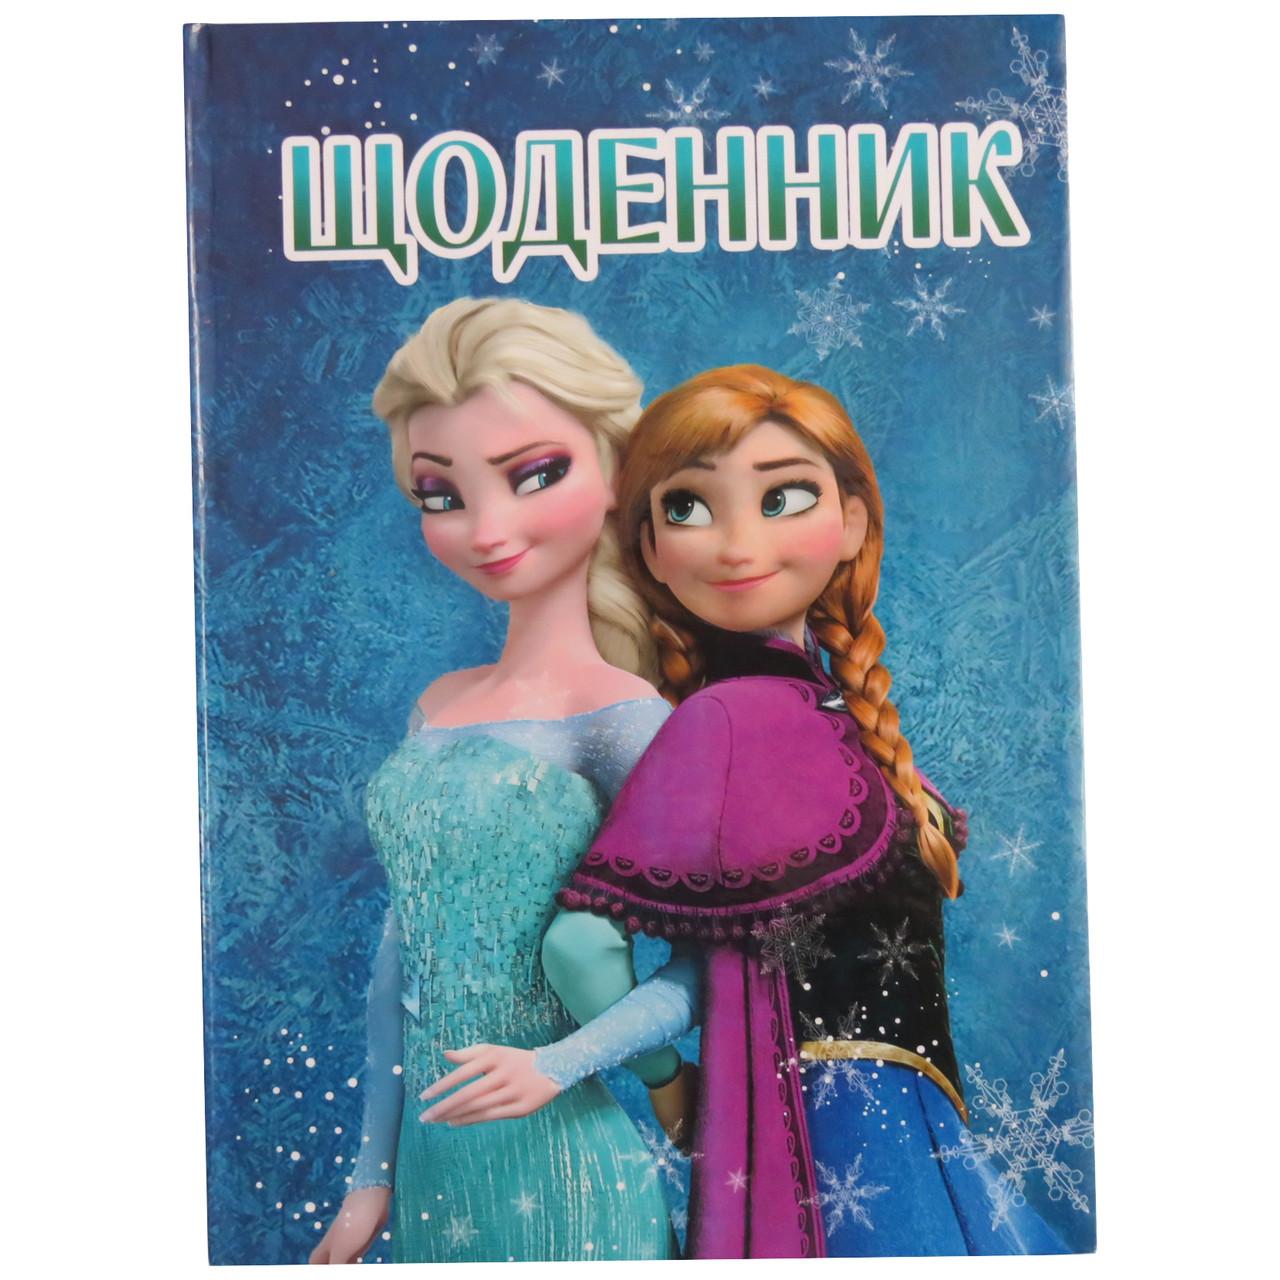 Класний шкільний щоденник, тверда обкладинка, Анна і Ельза